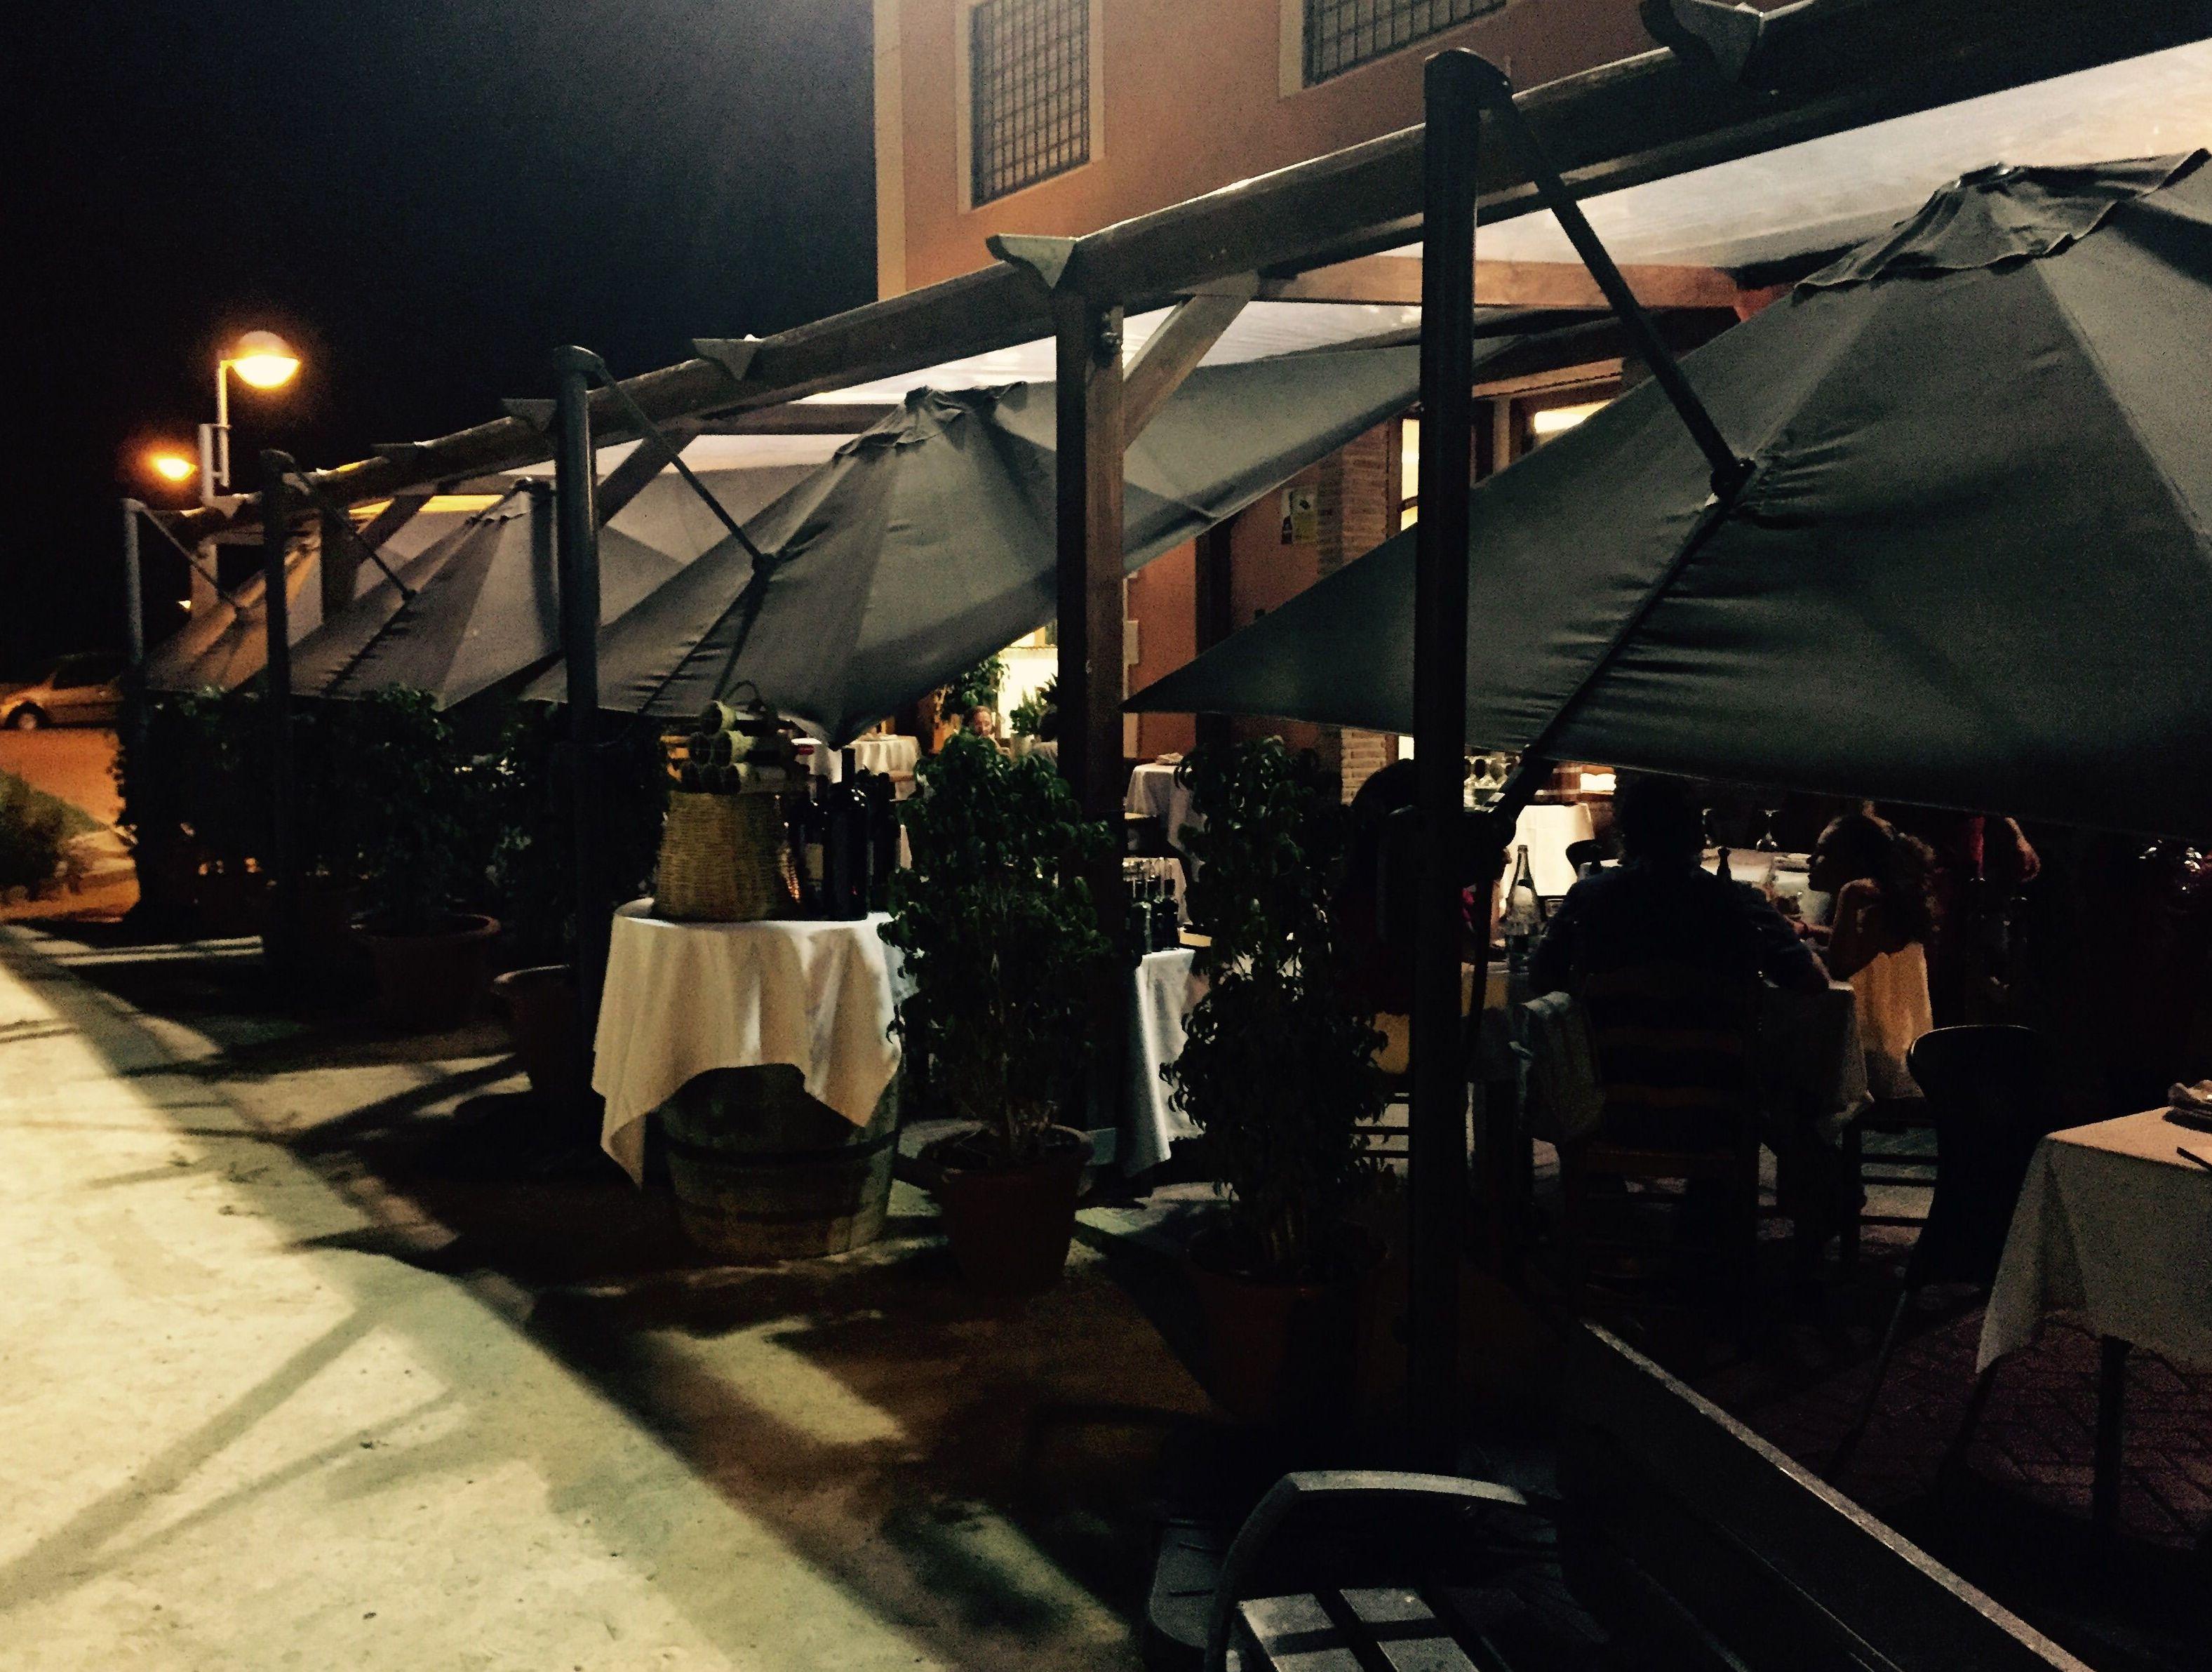 Foto 58 de Cocina tradicional en Murcia | Puerta de Murcia Restaurante